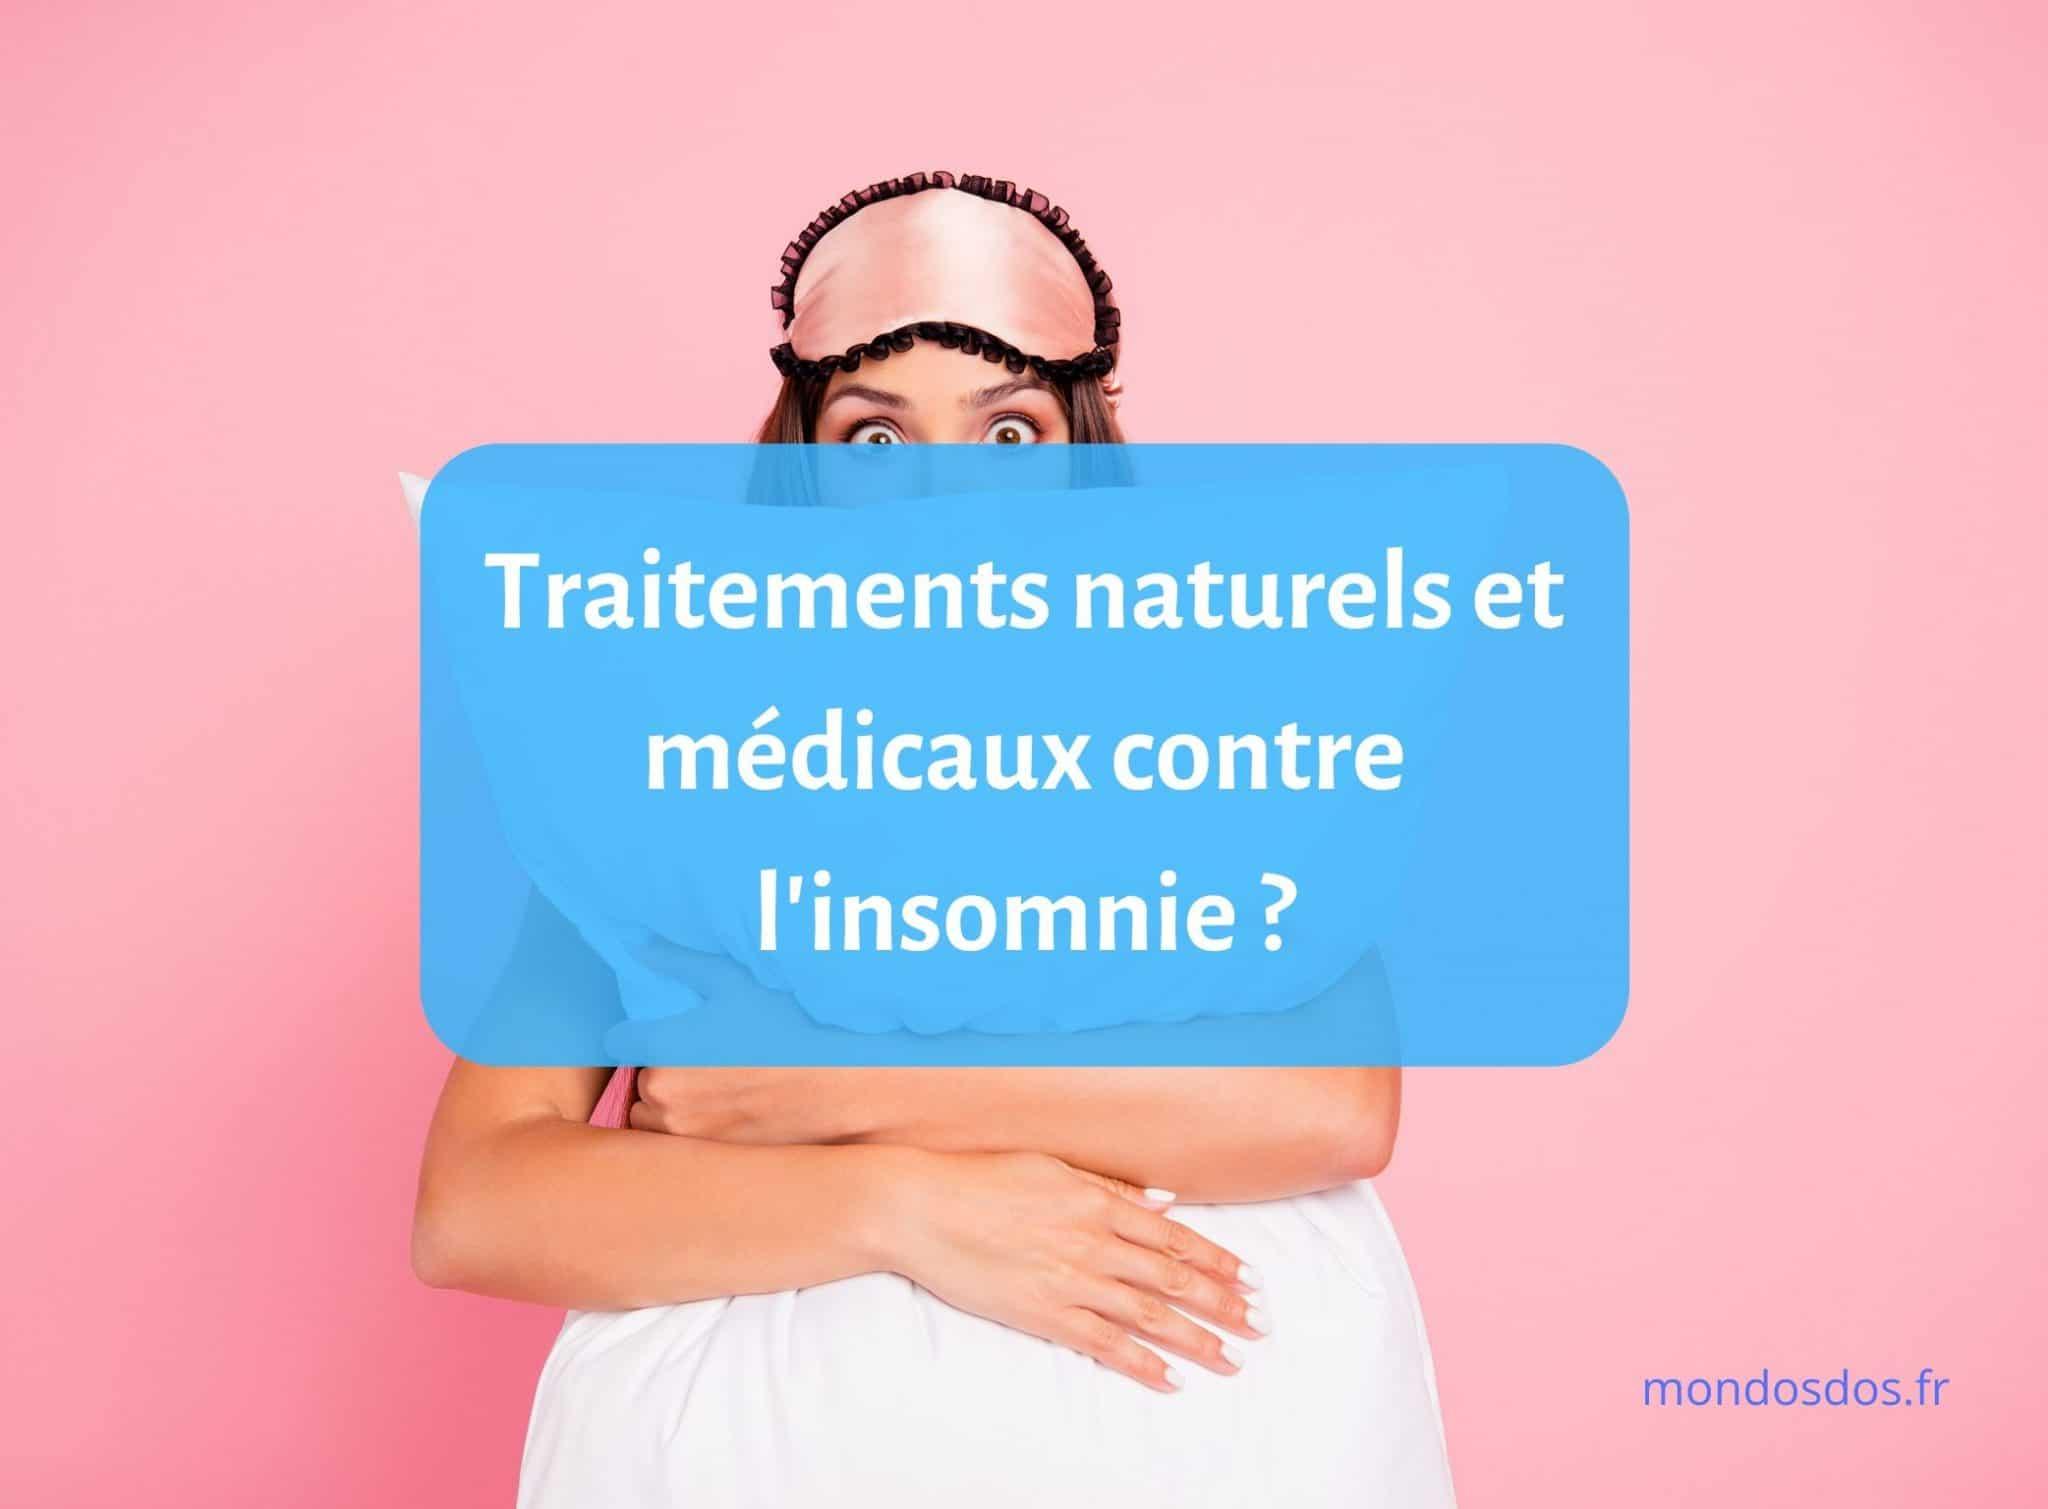 Quels sont les traitements naturels et médicaux contre l'insomnie ? 1